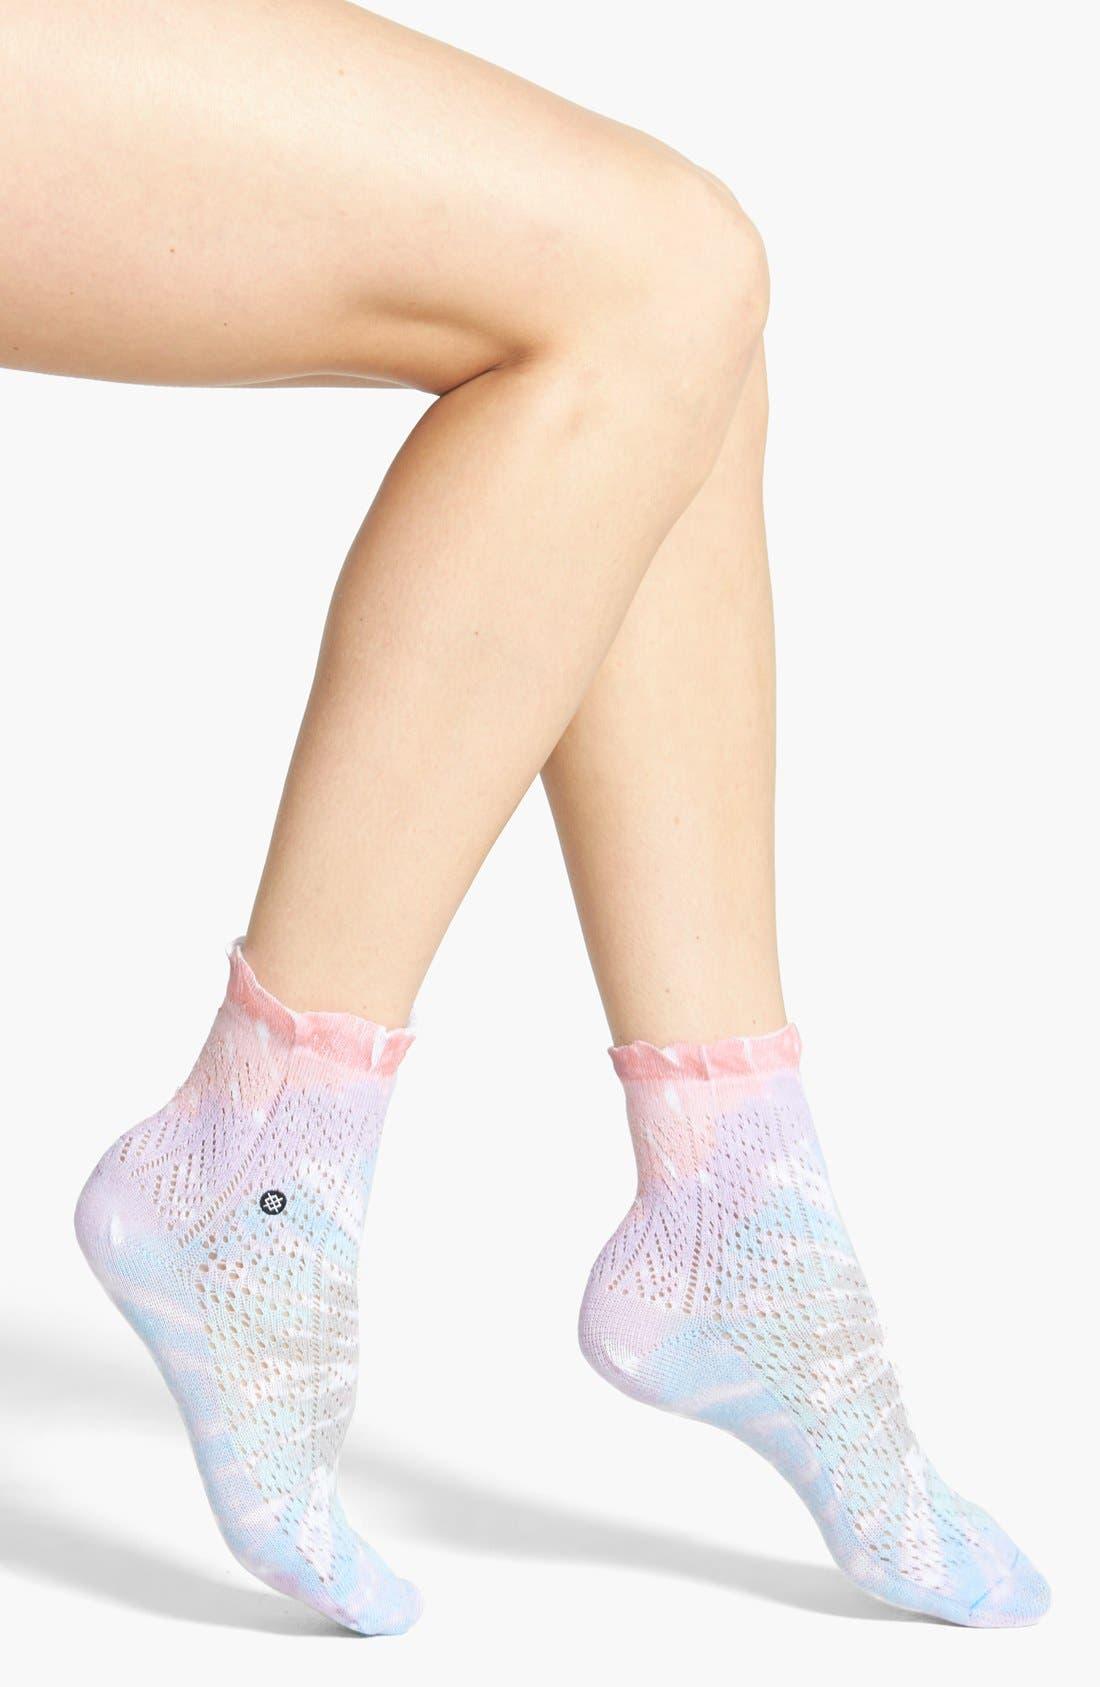 'Chloe' Tie-Dye Ankle Socks, Main, color, 530